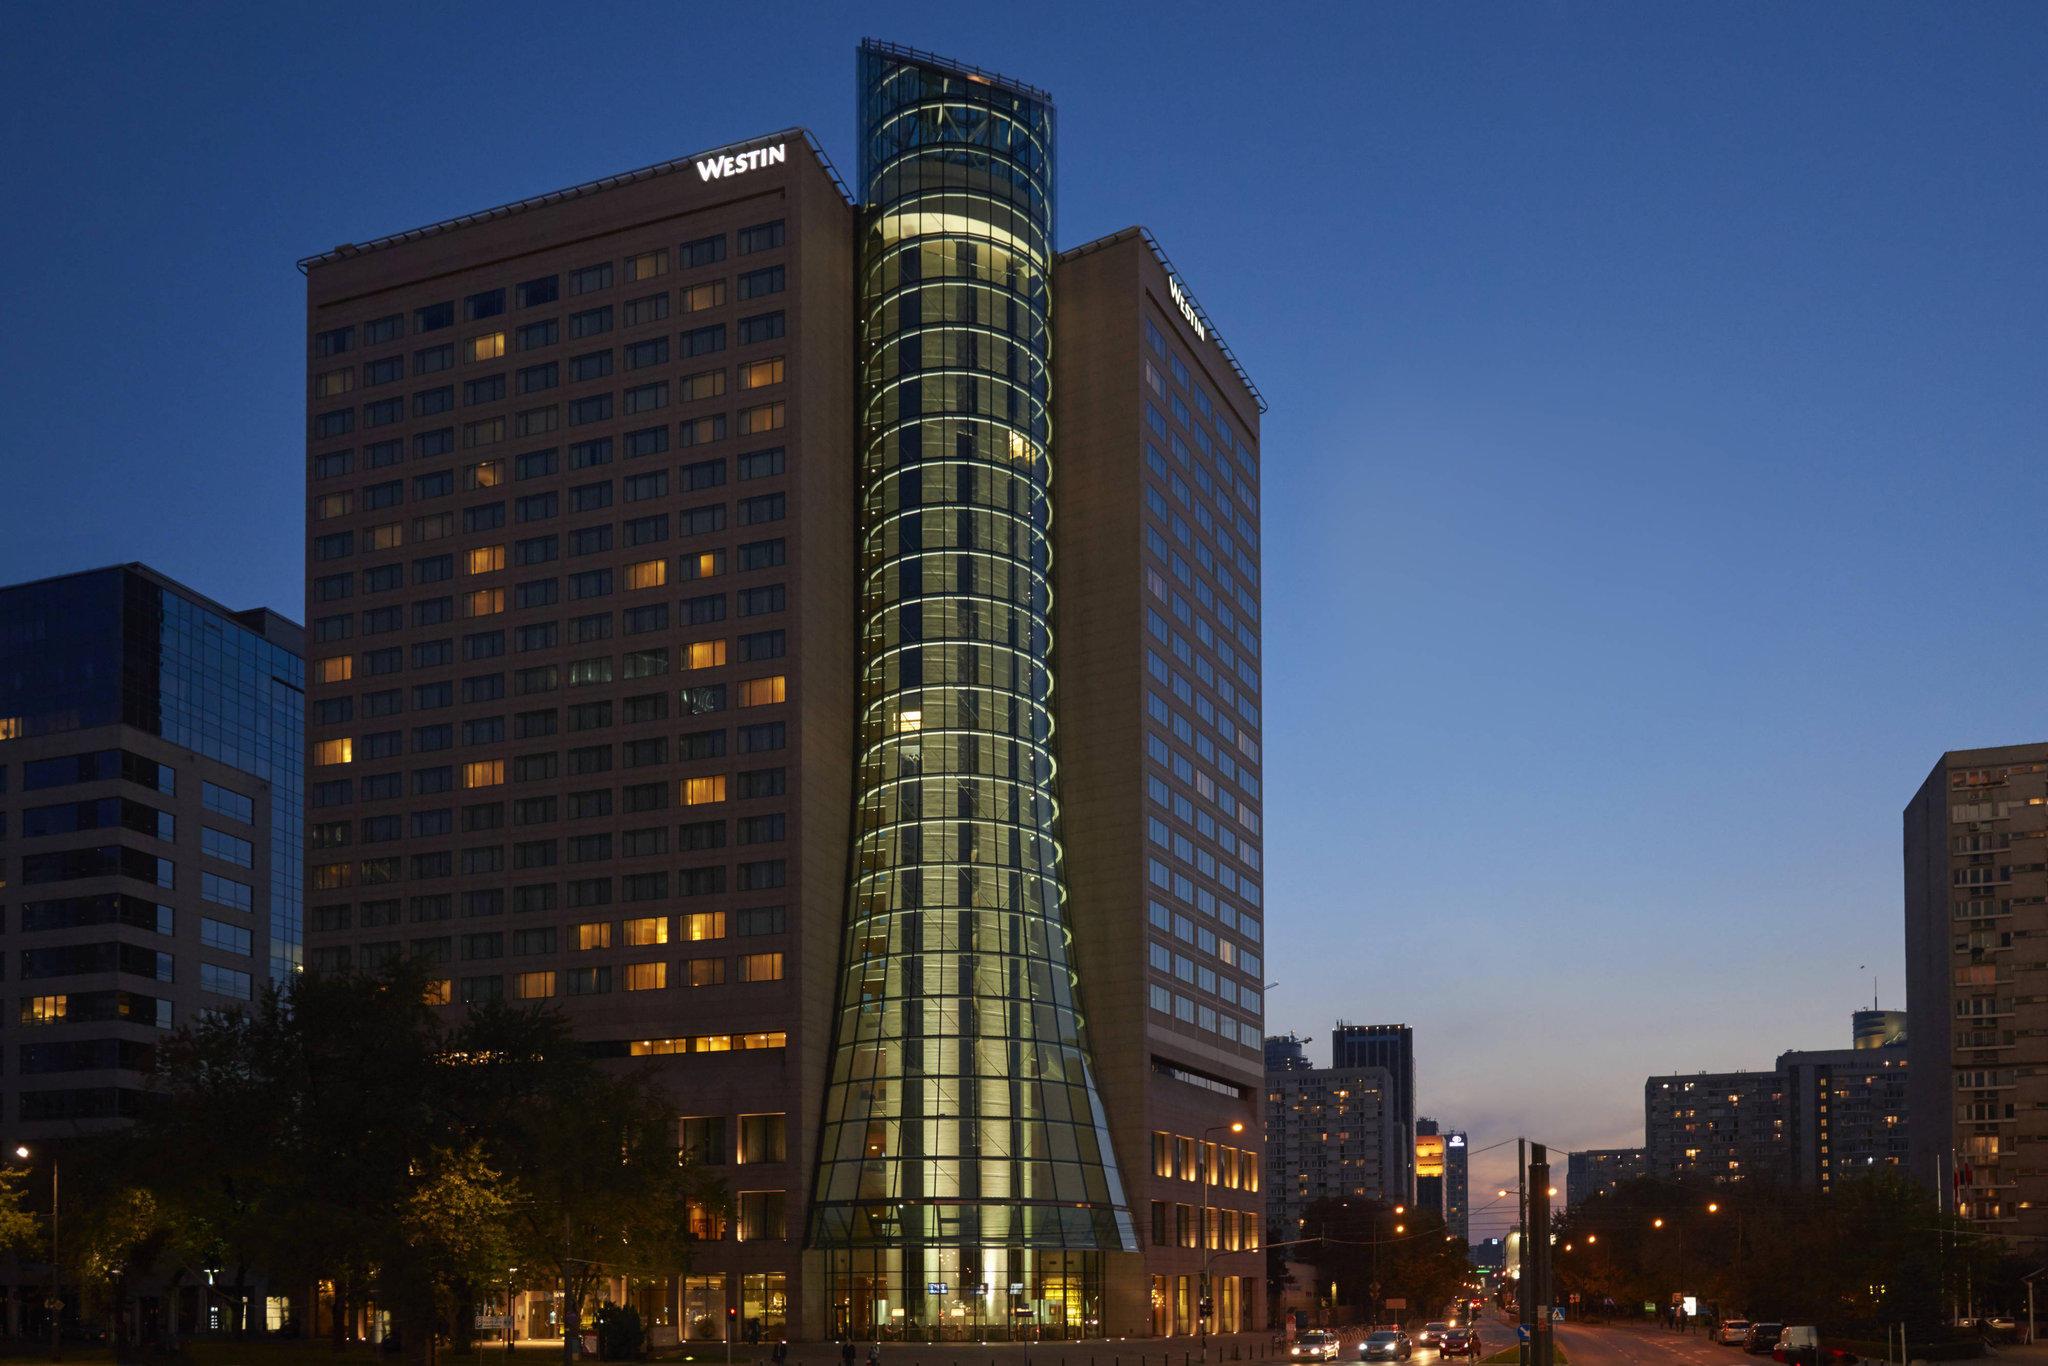 The Westin Warsaw